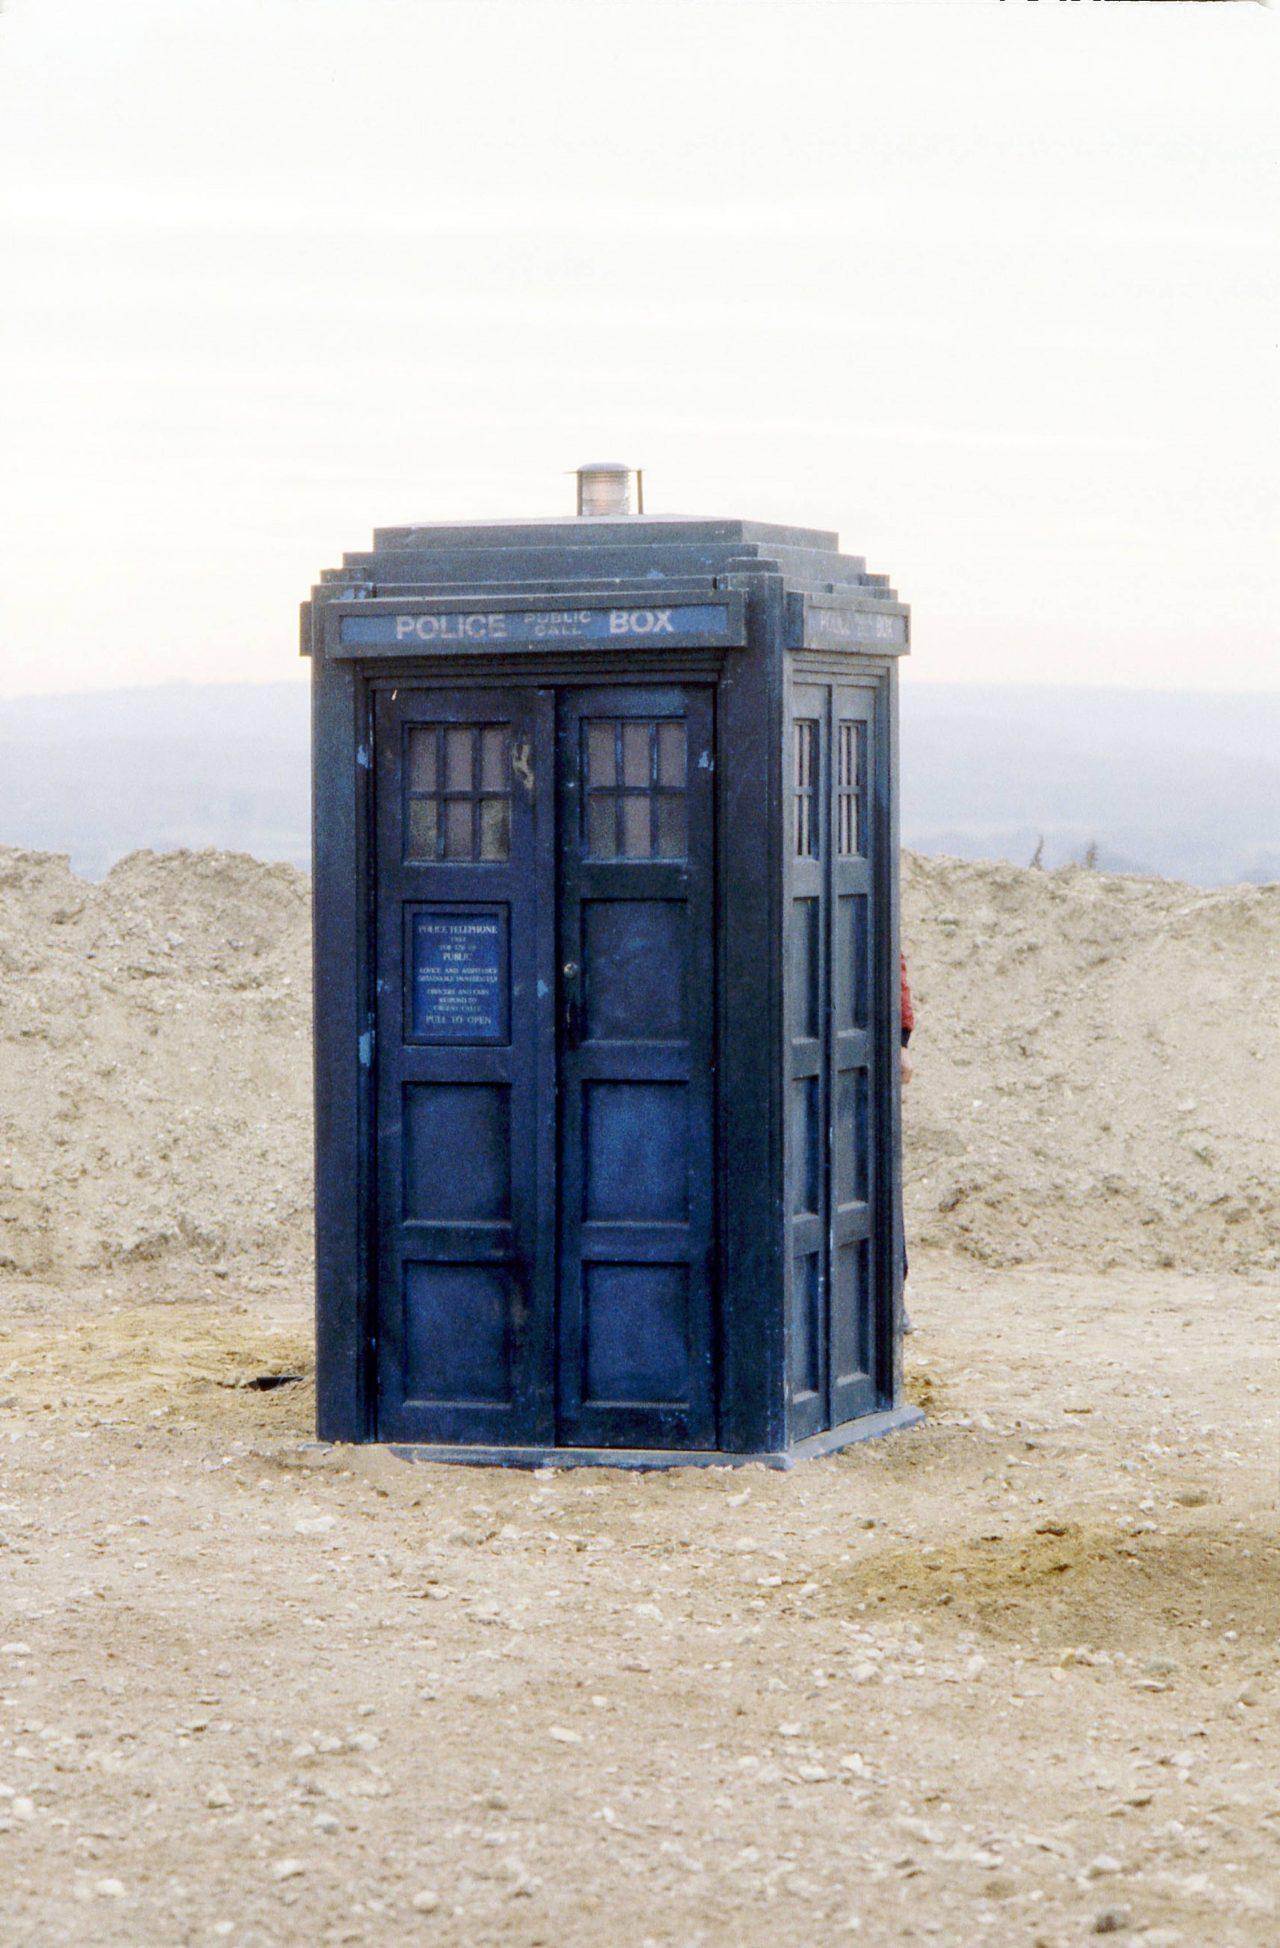 DW_CL_0584-TARDIS-1-1280x1948.jpg